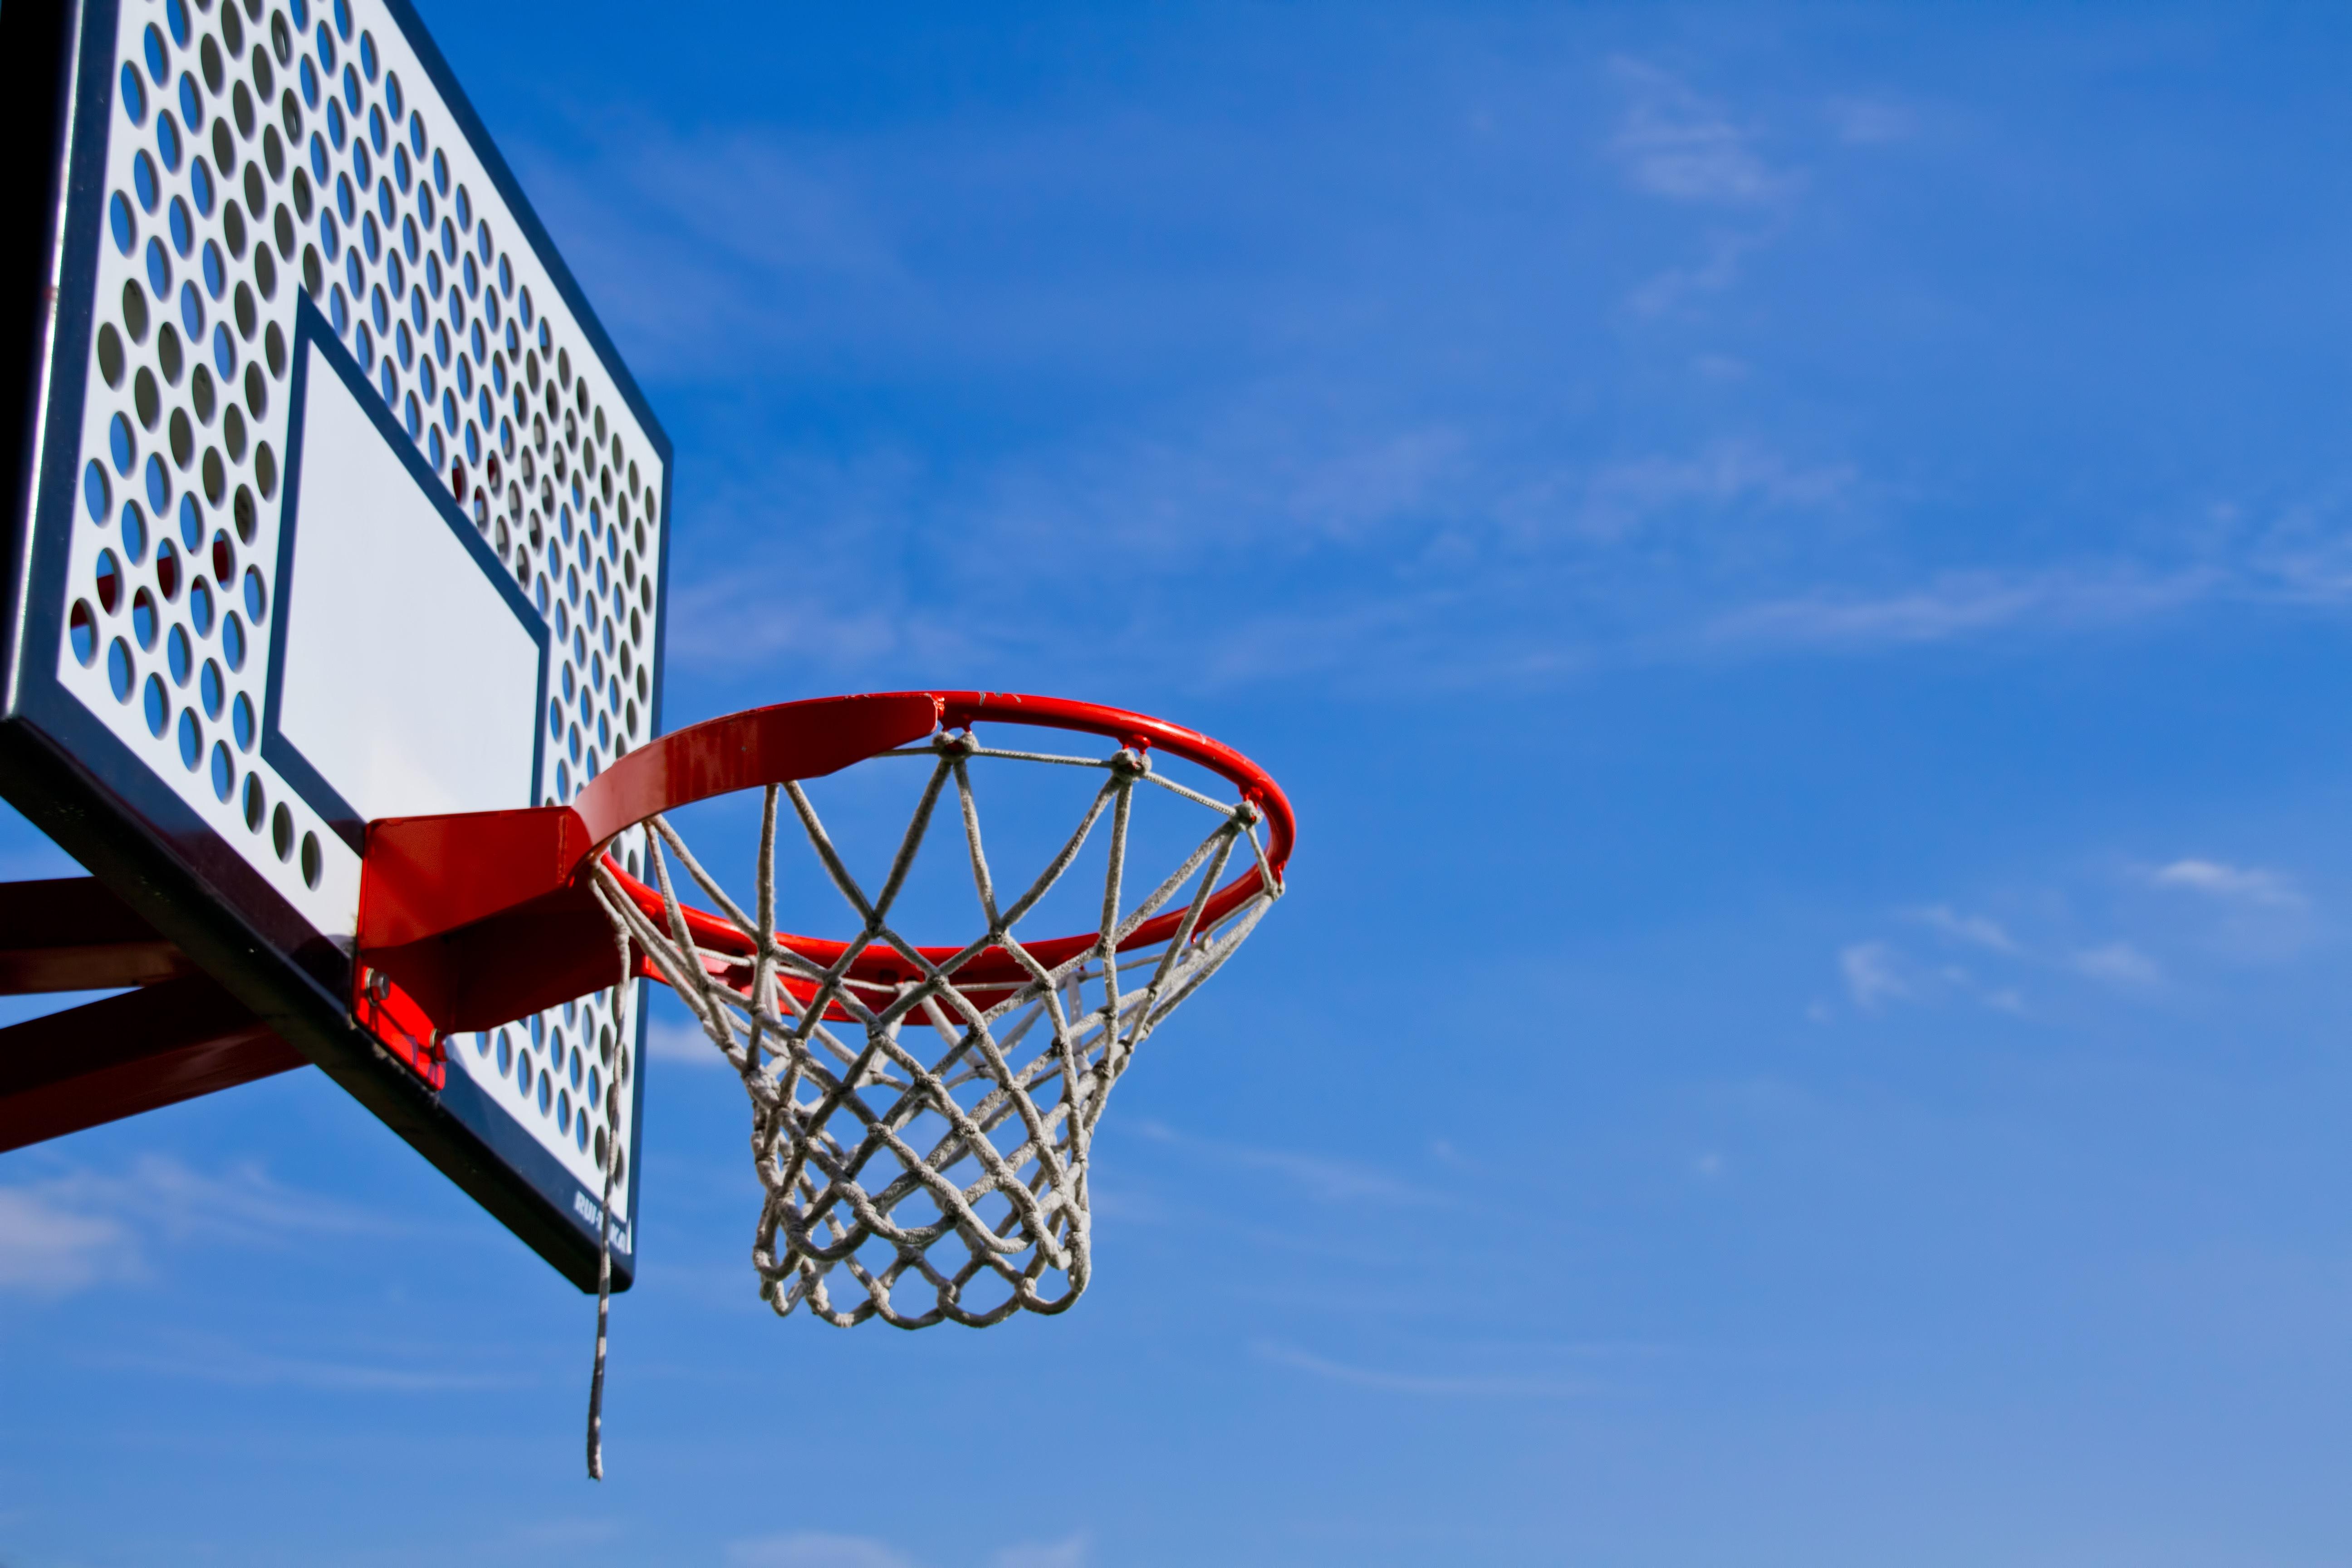 高解像度版. 青空とバスケットゴール